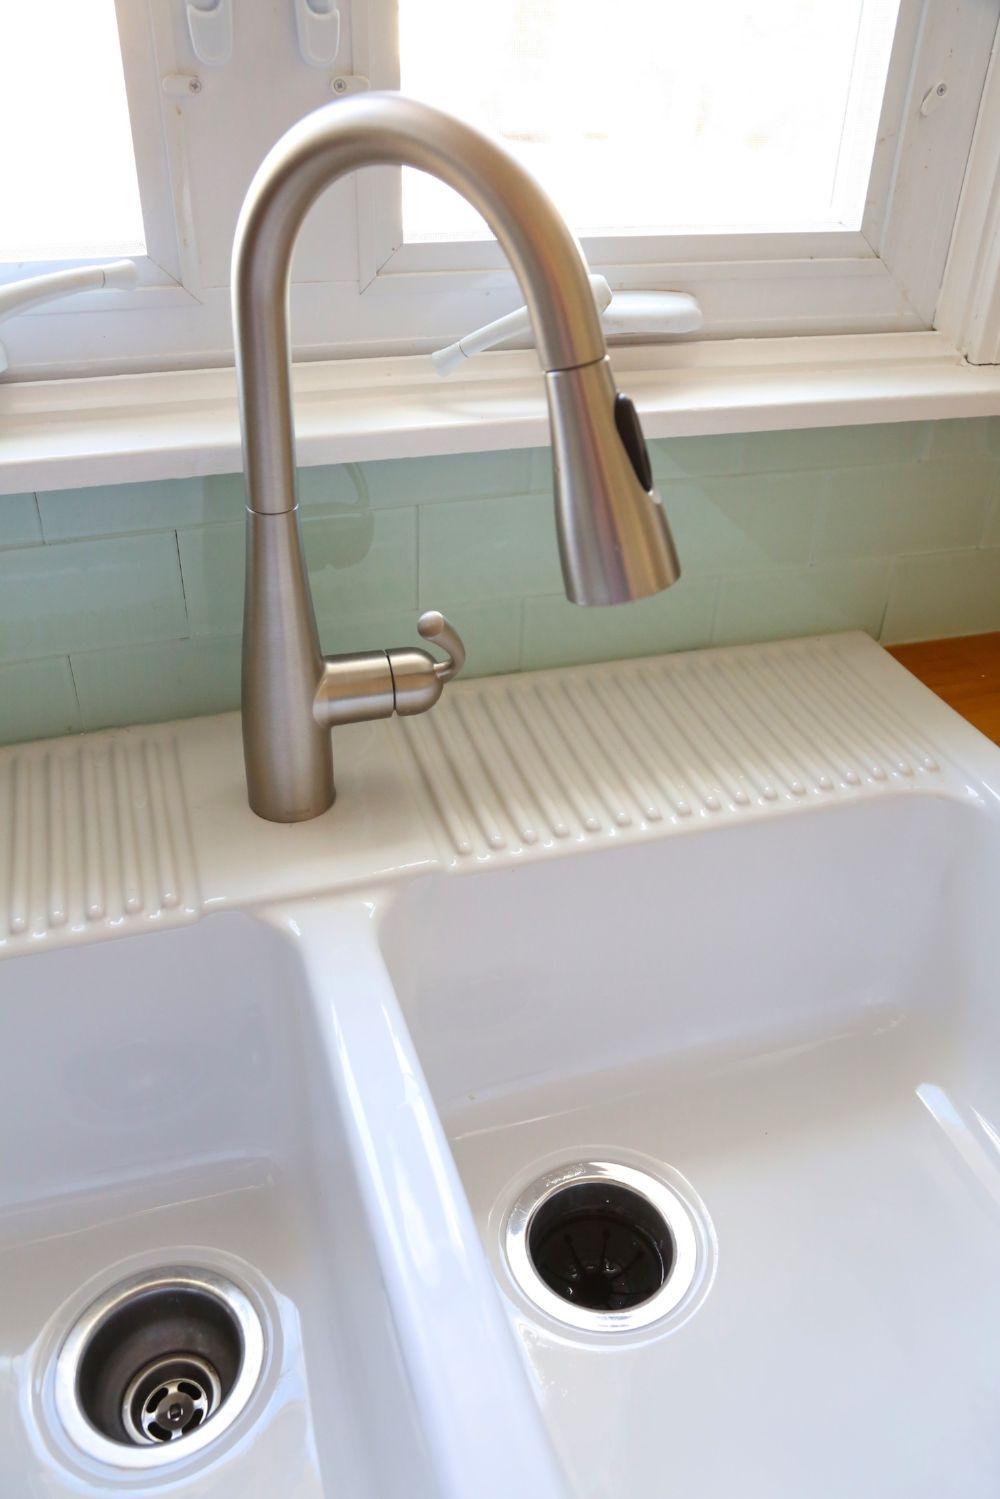 Ikea Domsjo Farmhouse Sink 1 Year Review Ikea Farmhouse Sink